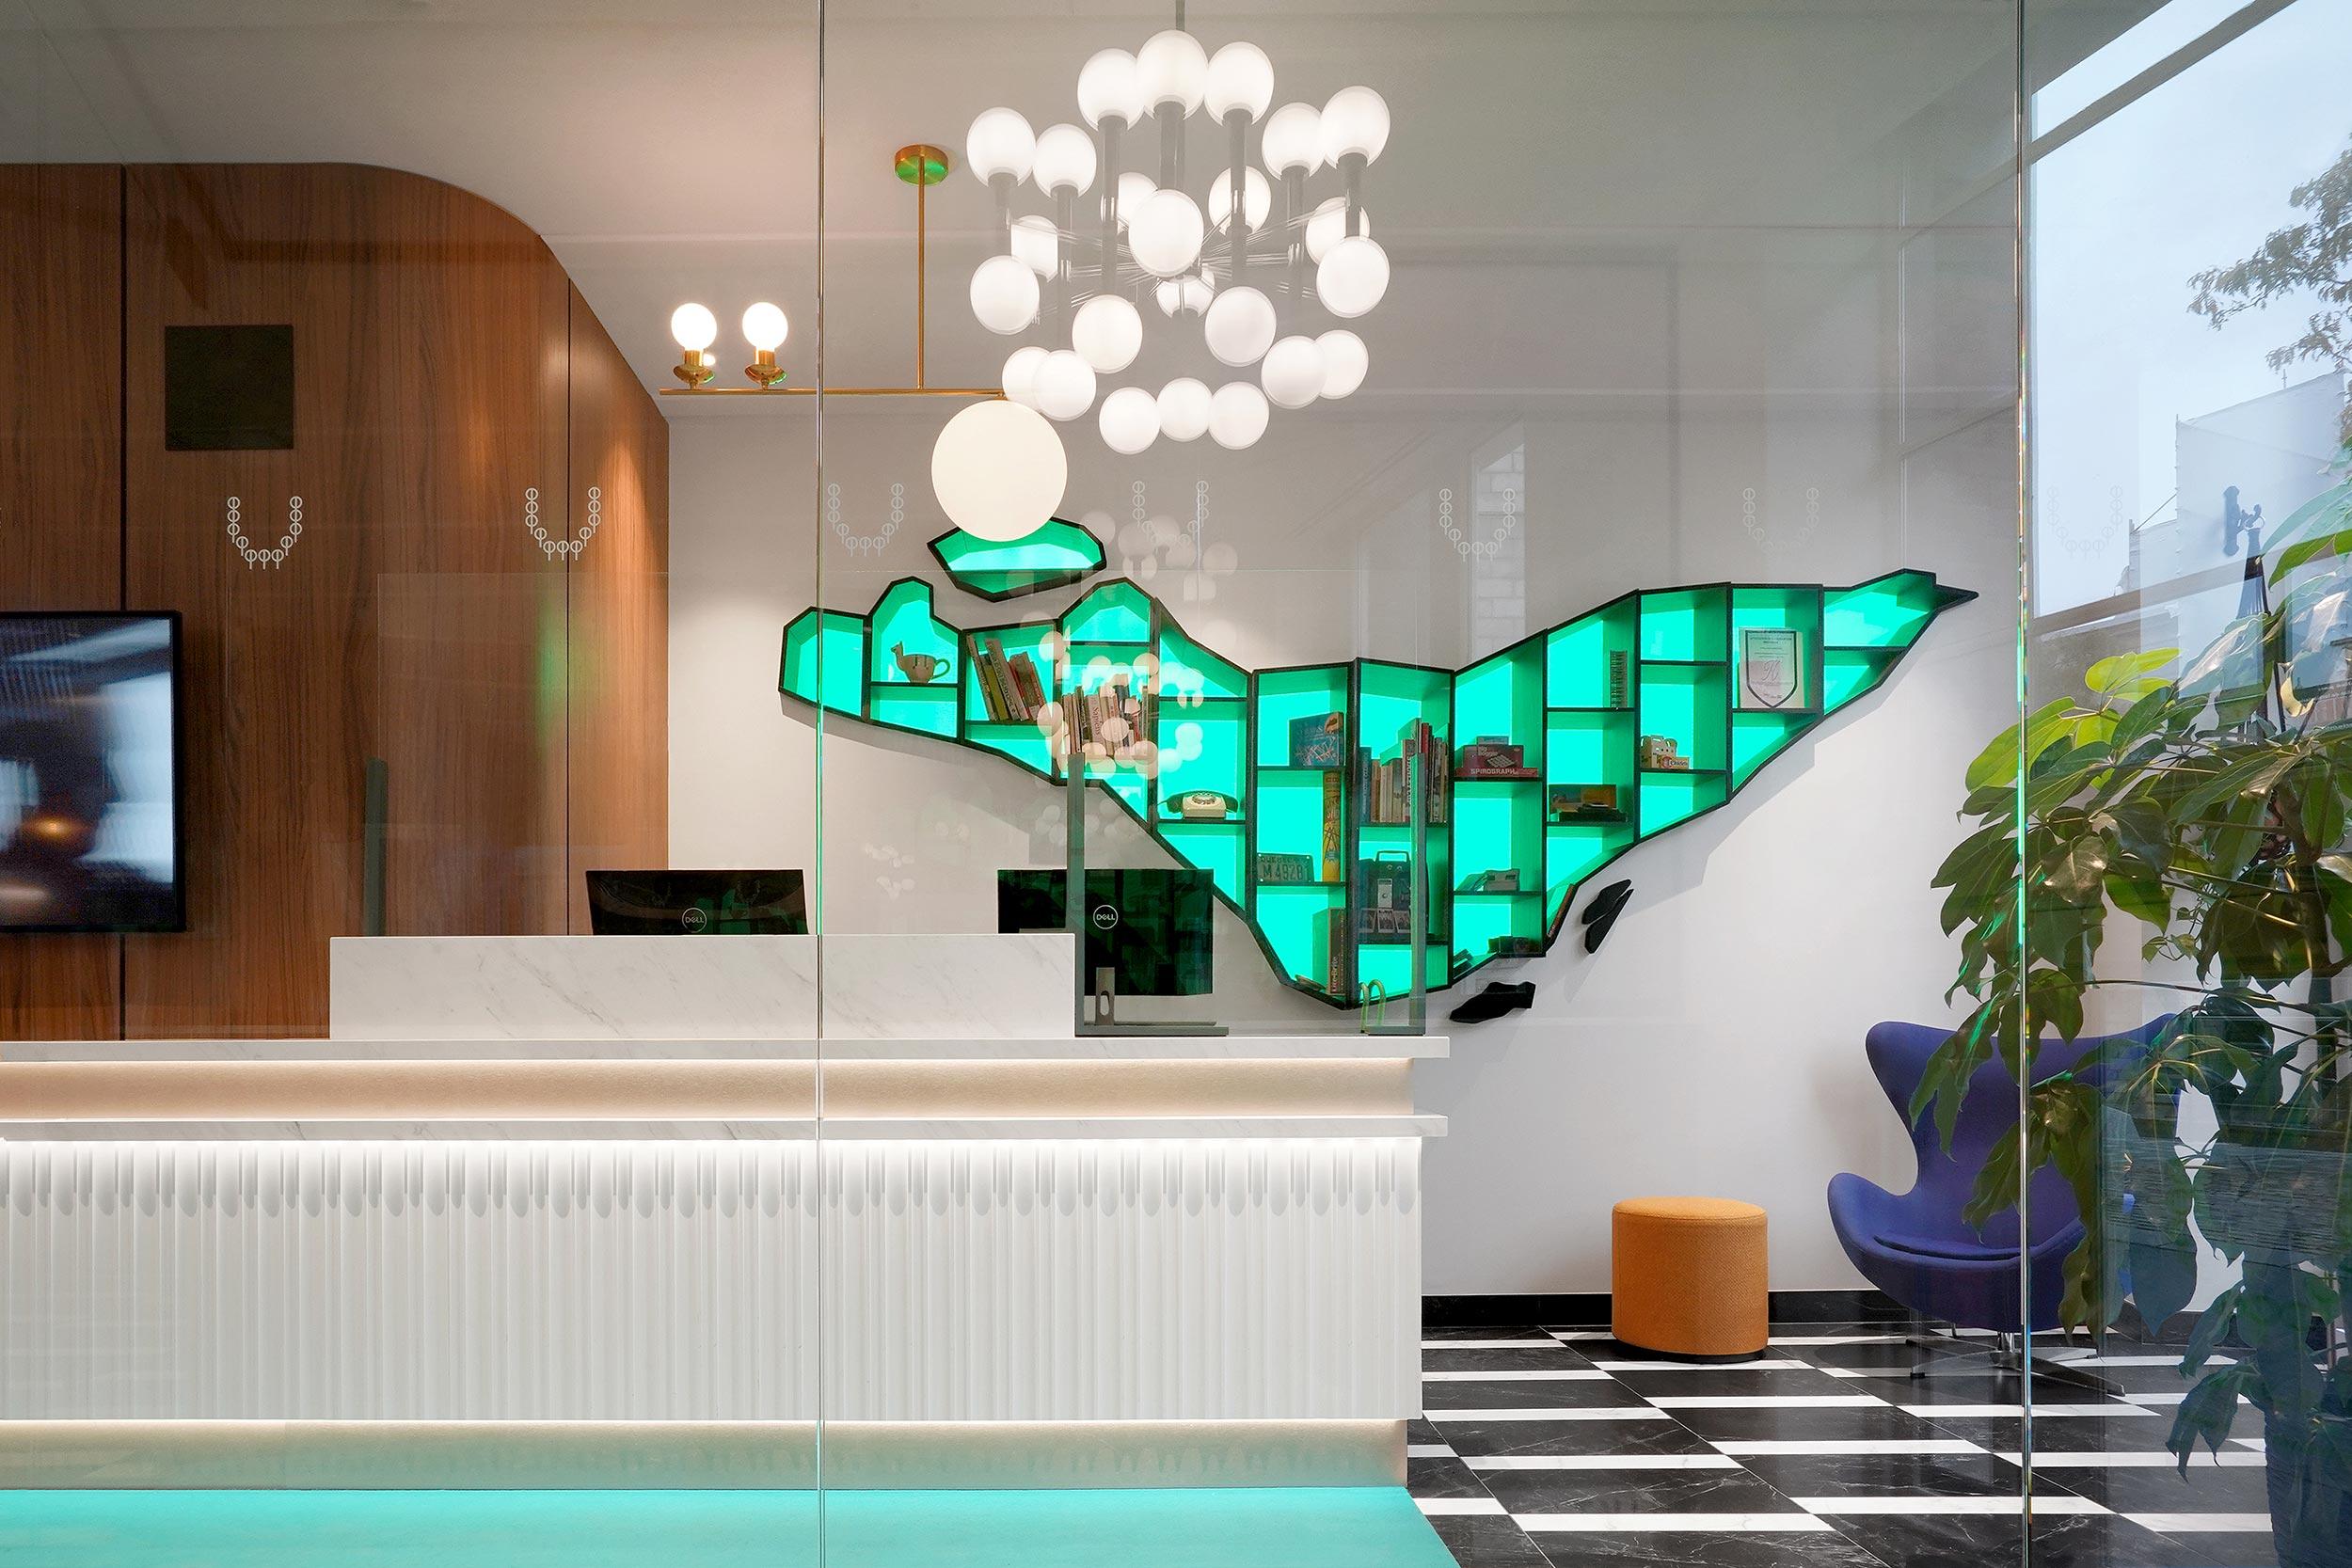 Imaginez un «lobby» aux touches élégantes de marbre, de noyer massif et aux accents dorés. Le design de l'hôtel Bonaparte conjugue matières nobles et touches contemporaines. Le plafond attire puis séduit le regard par l'élégance des ornements et les scintillements éclatants de lustres, un parcours visuel et une atmosphère unique.